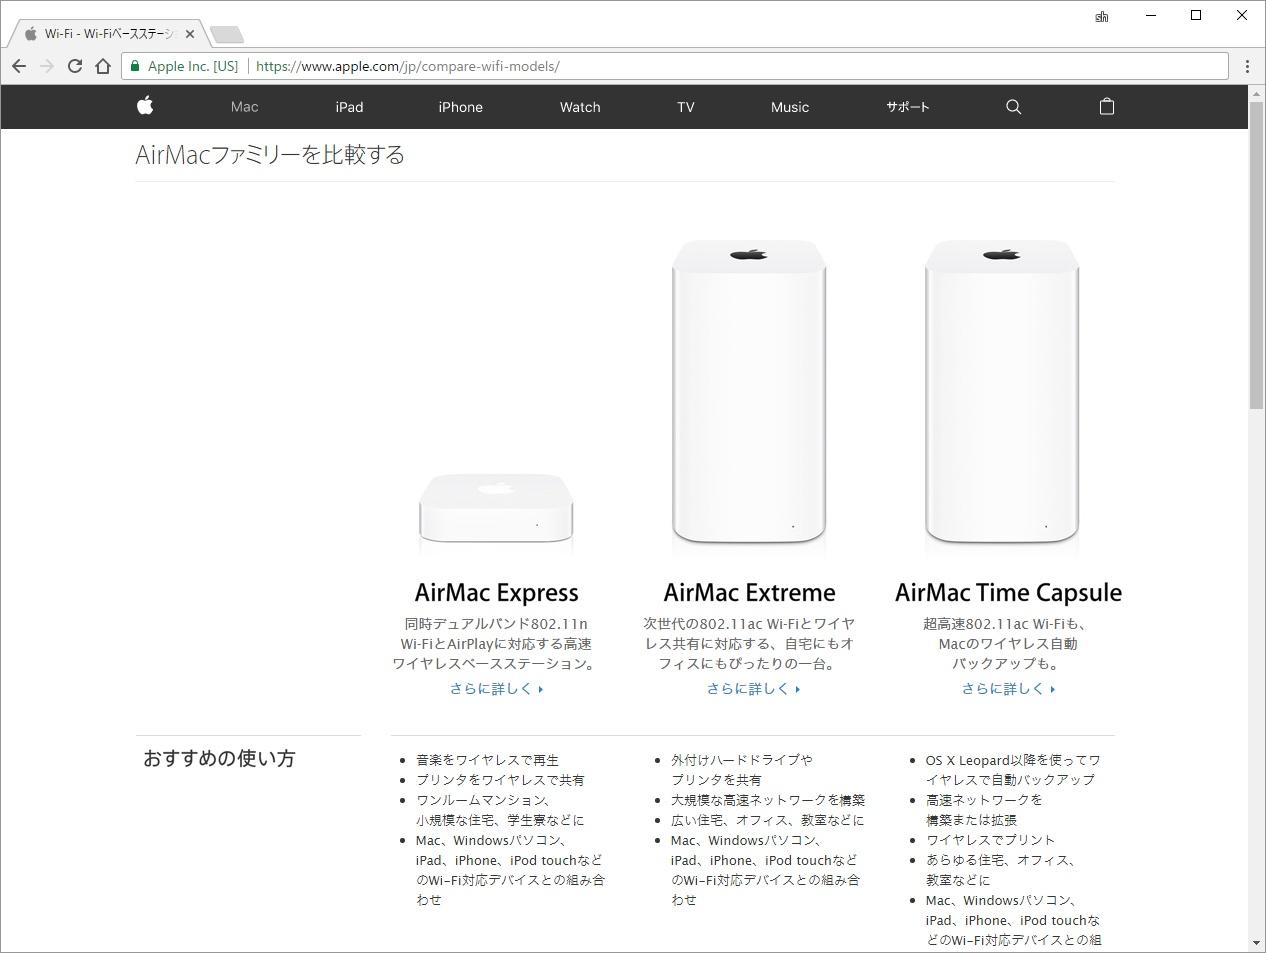 """現行のAirMacシリーズは、「Time Capsule」「Extreme」「Express」の3種。Expressはルーターではなく、Wi-Fiも11nまでの対応(<a href=""""https://www.apple.com/jp/compare-wifi-models/"""" class=""""n"""" target=""""_blank"""">Appleのウェブサイト</a>より)"""